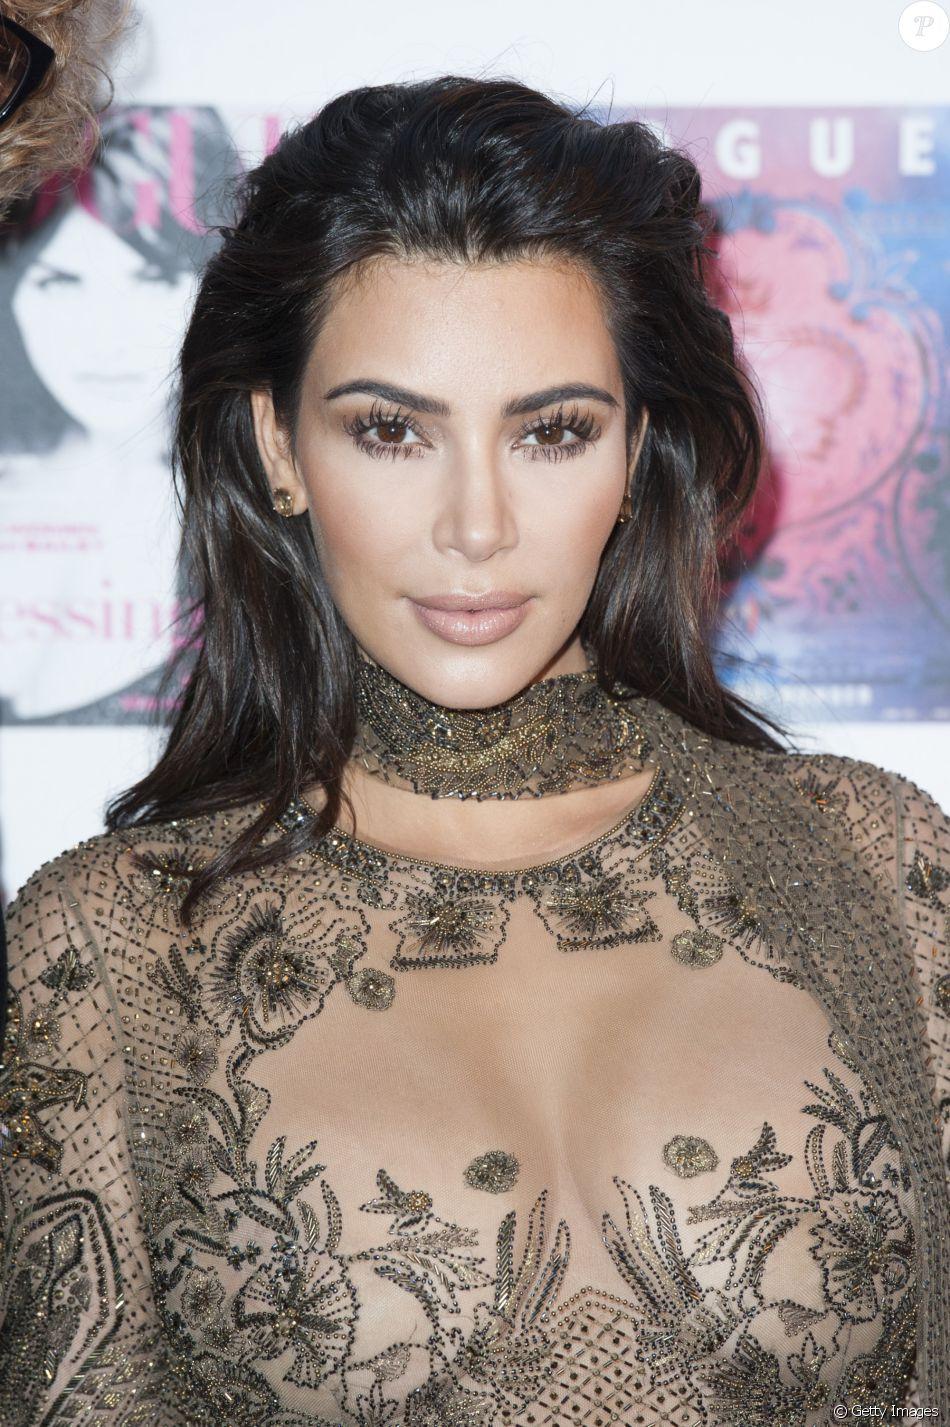 Kim Kardashian recebeu R$ 2,2 milhões para fazer presença VIP em festa